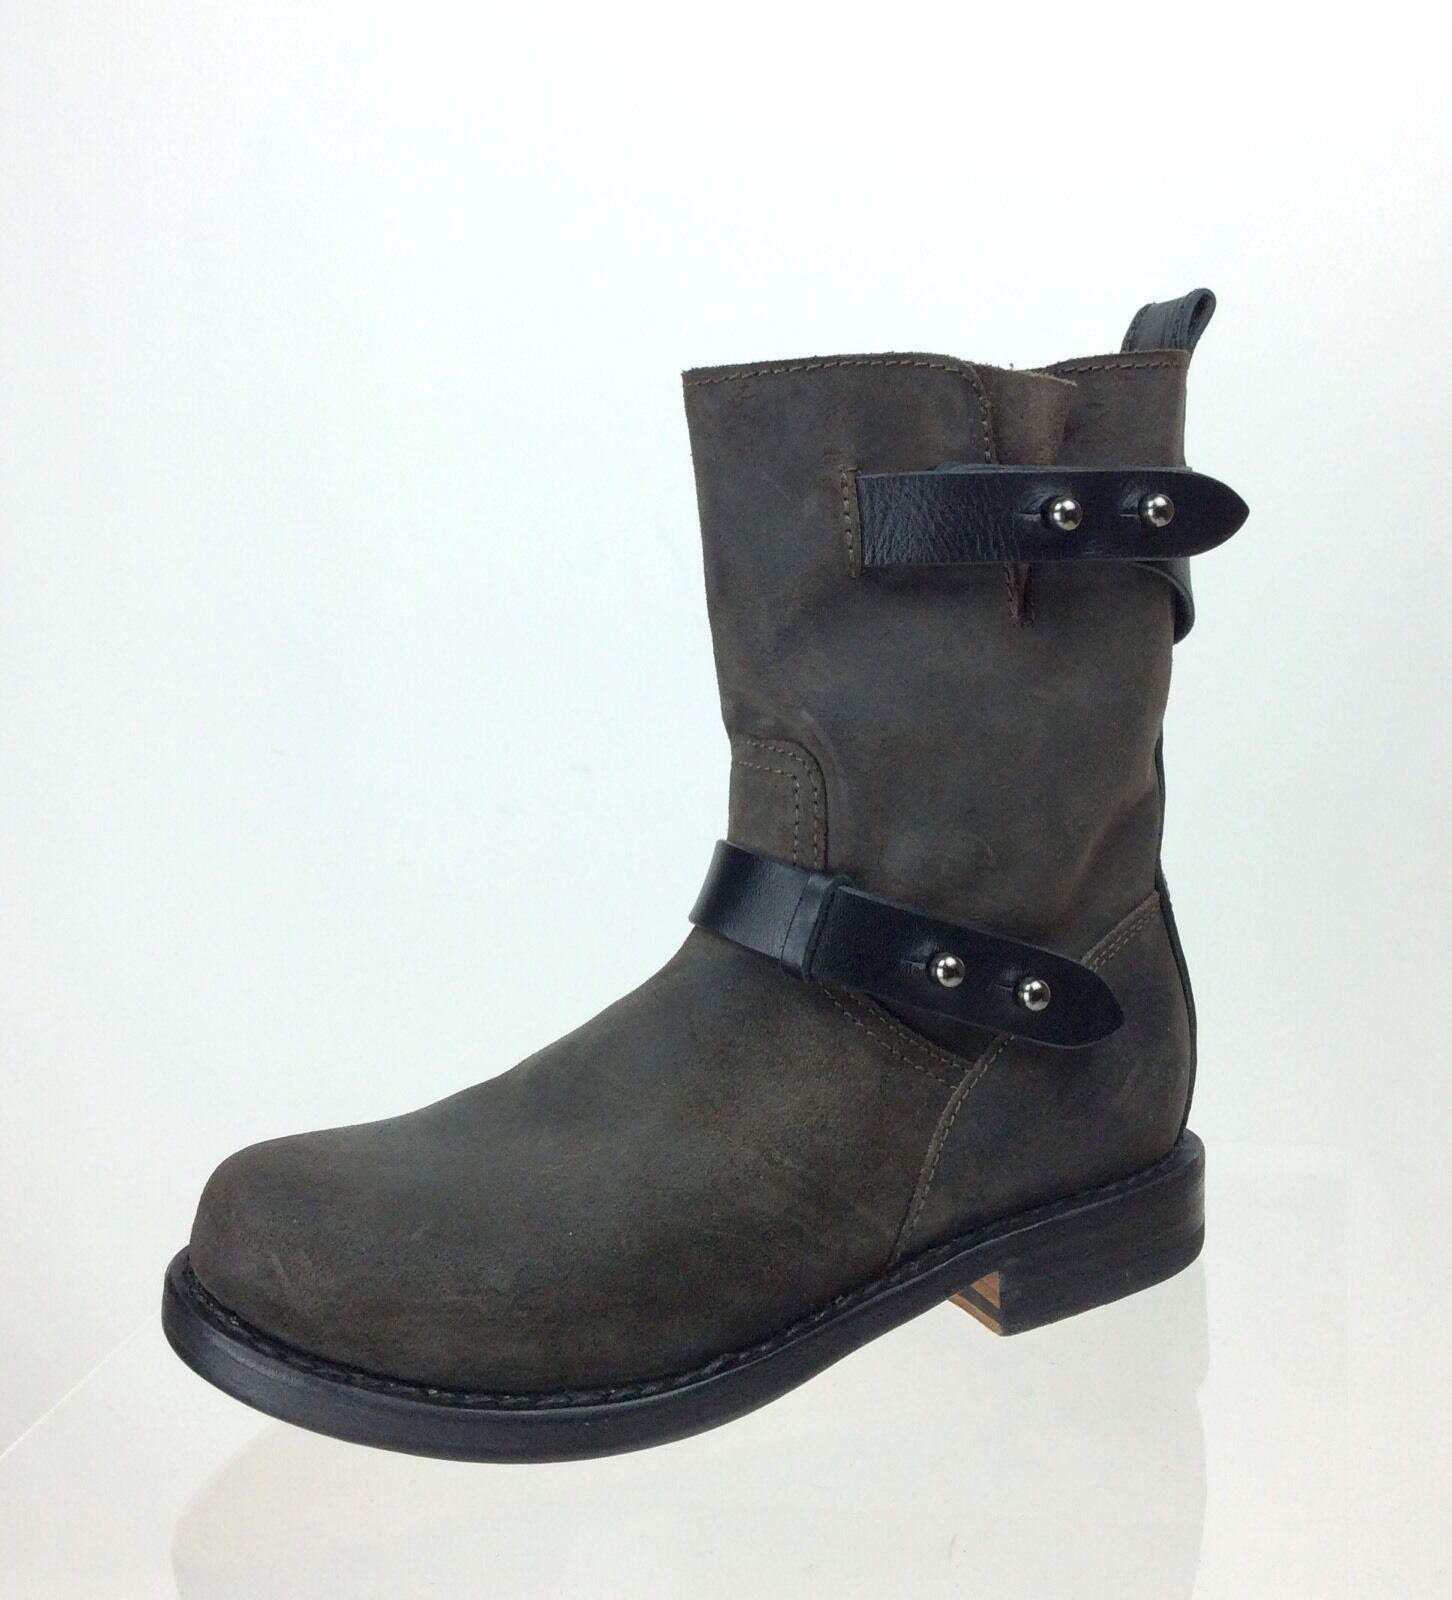 Womens Handmade Rag & Bone Calfskin New York Mid Calf Brown Boots EU Sz 35 M NEW